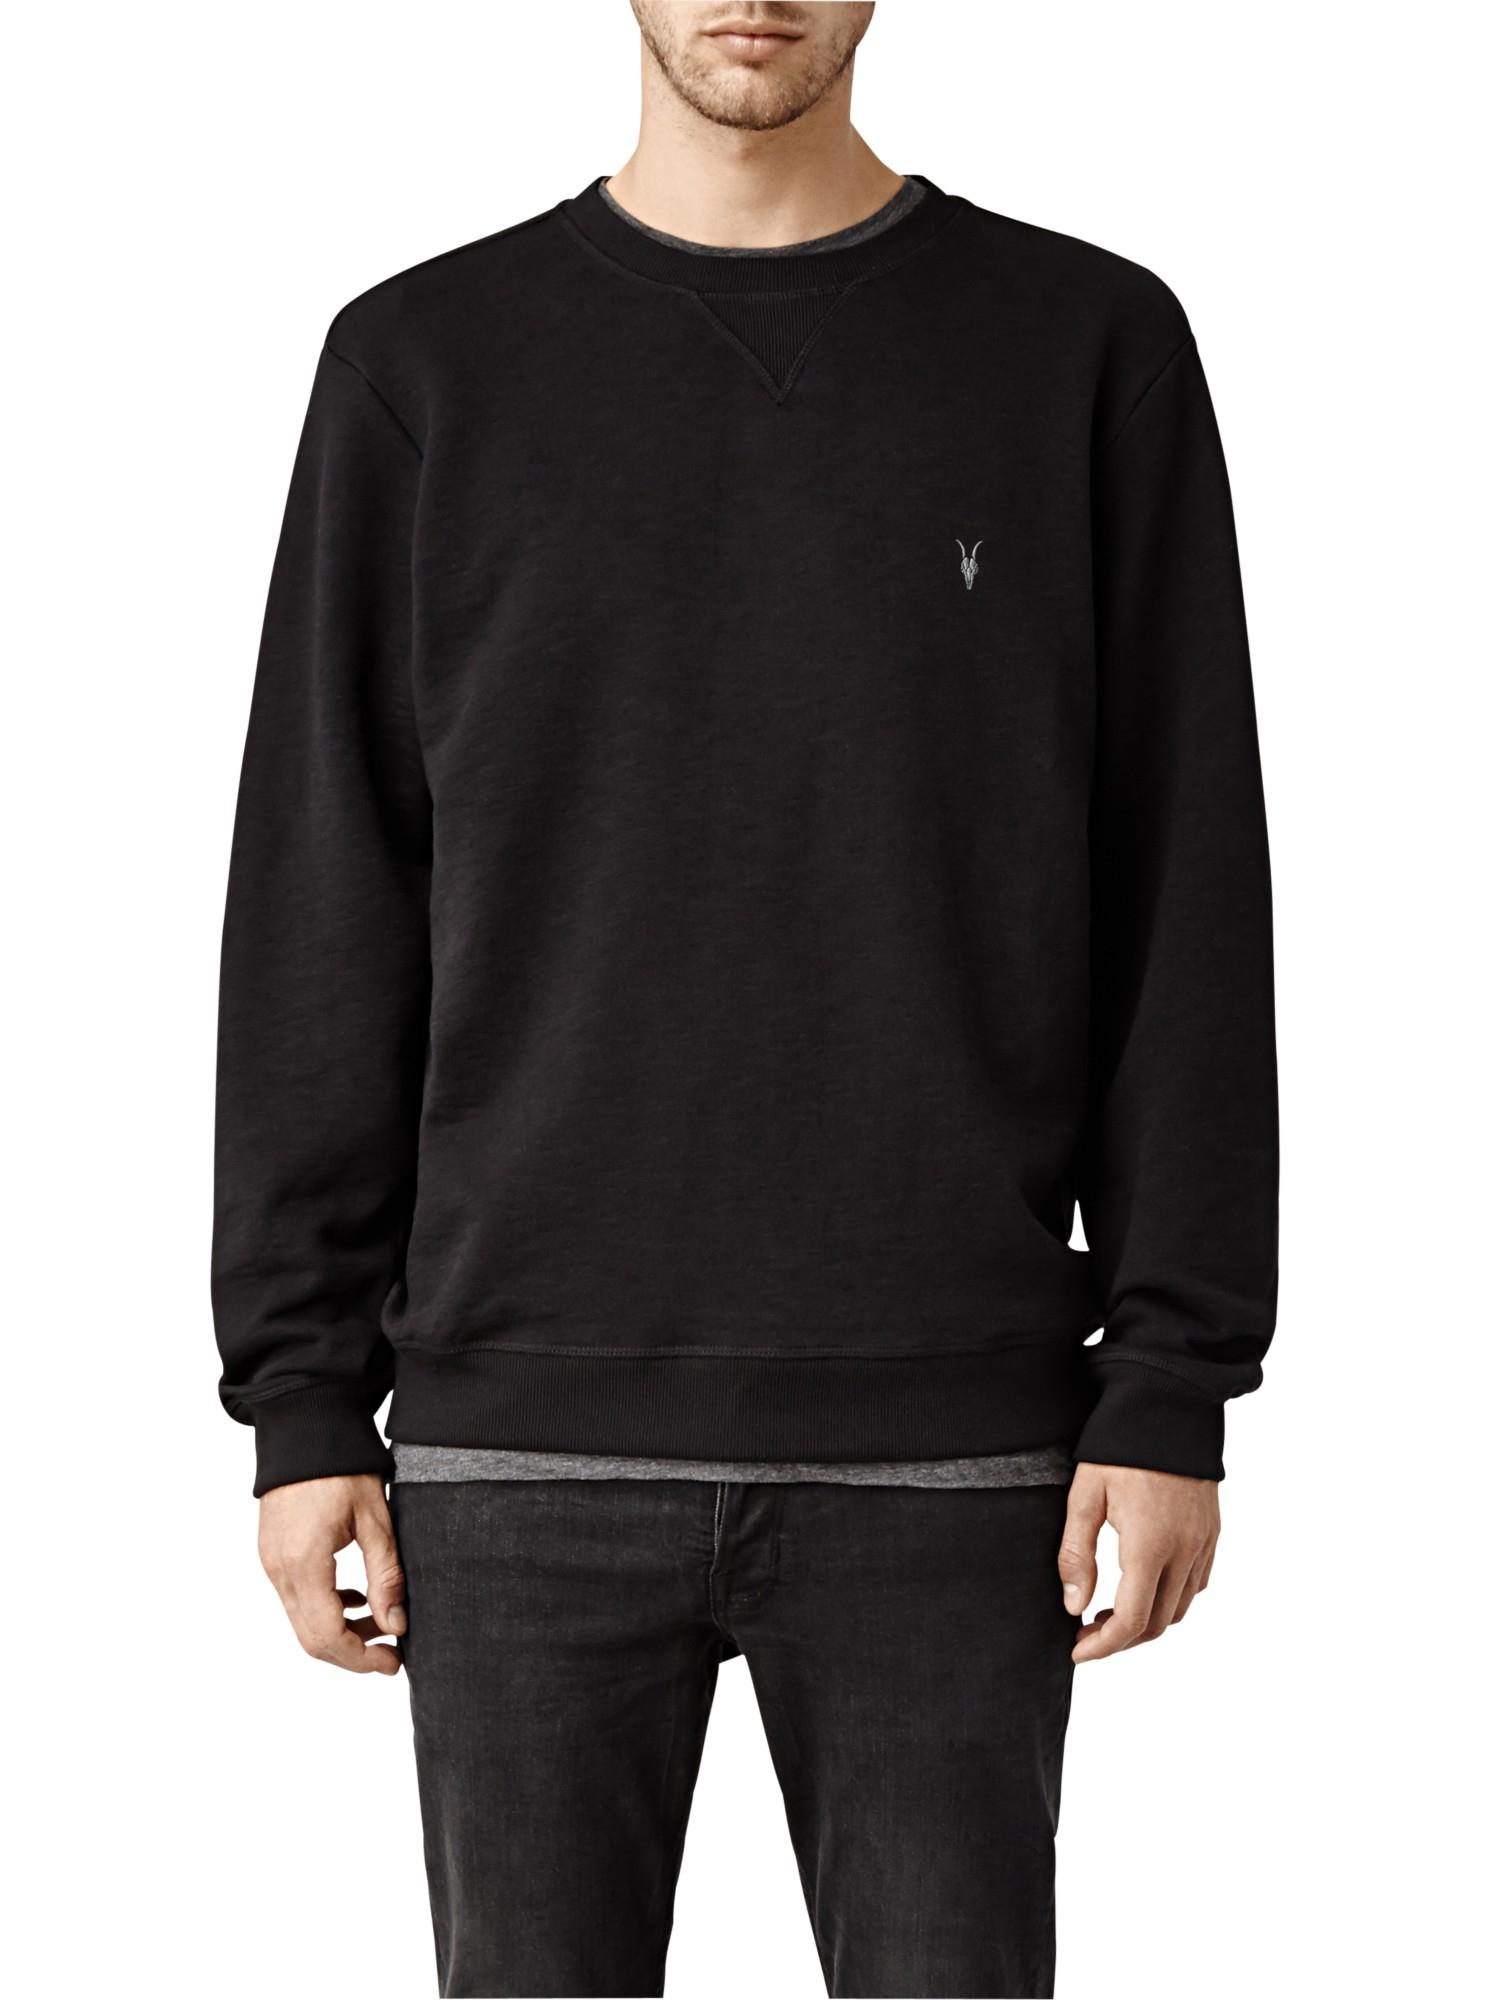 Allsaints Wilde Crew Neck Sweatshirt in Black for Men